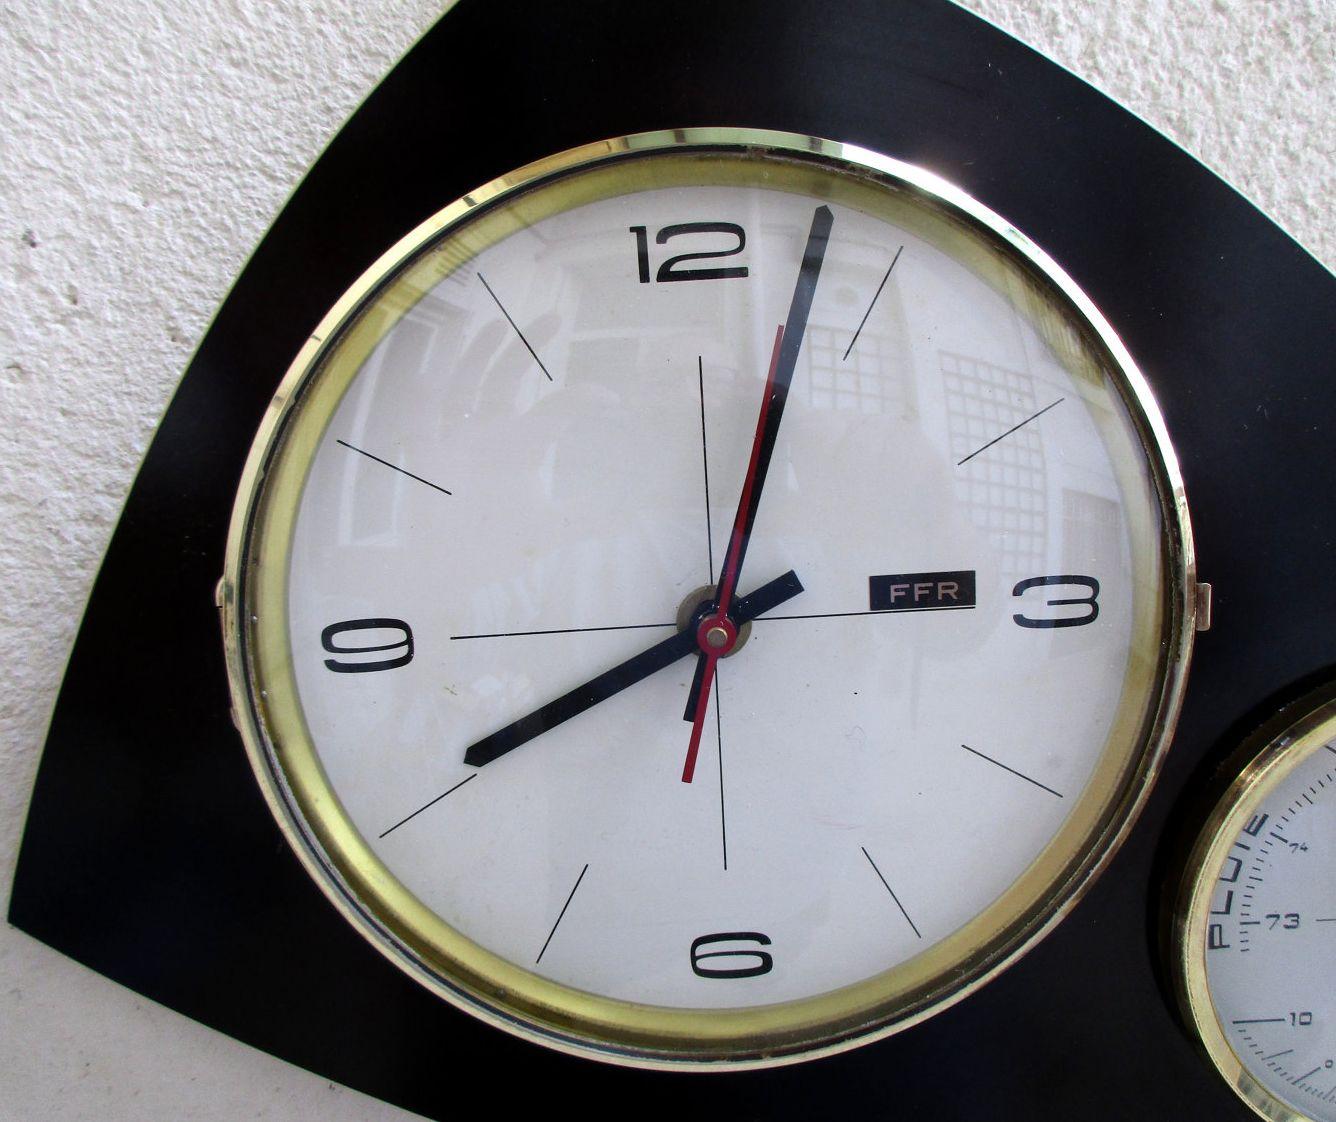 horloge murale barom tre formica noir ann es 60 ann es vintage formica pinterest. Black Bedroom Furniture Sets. Home Design Ideas